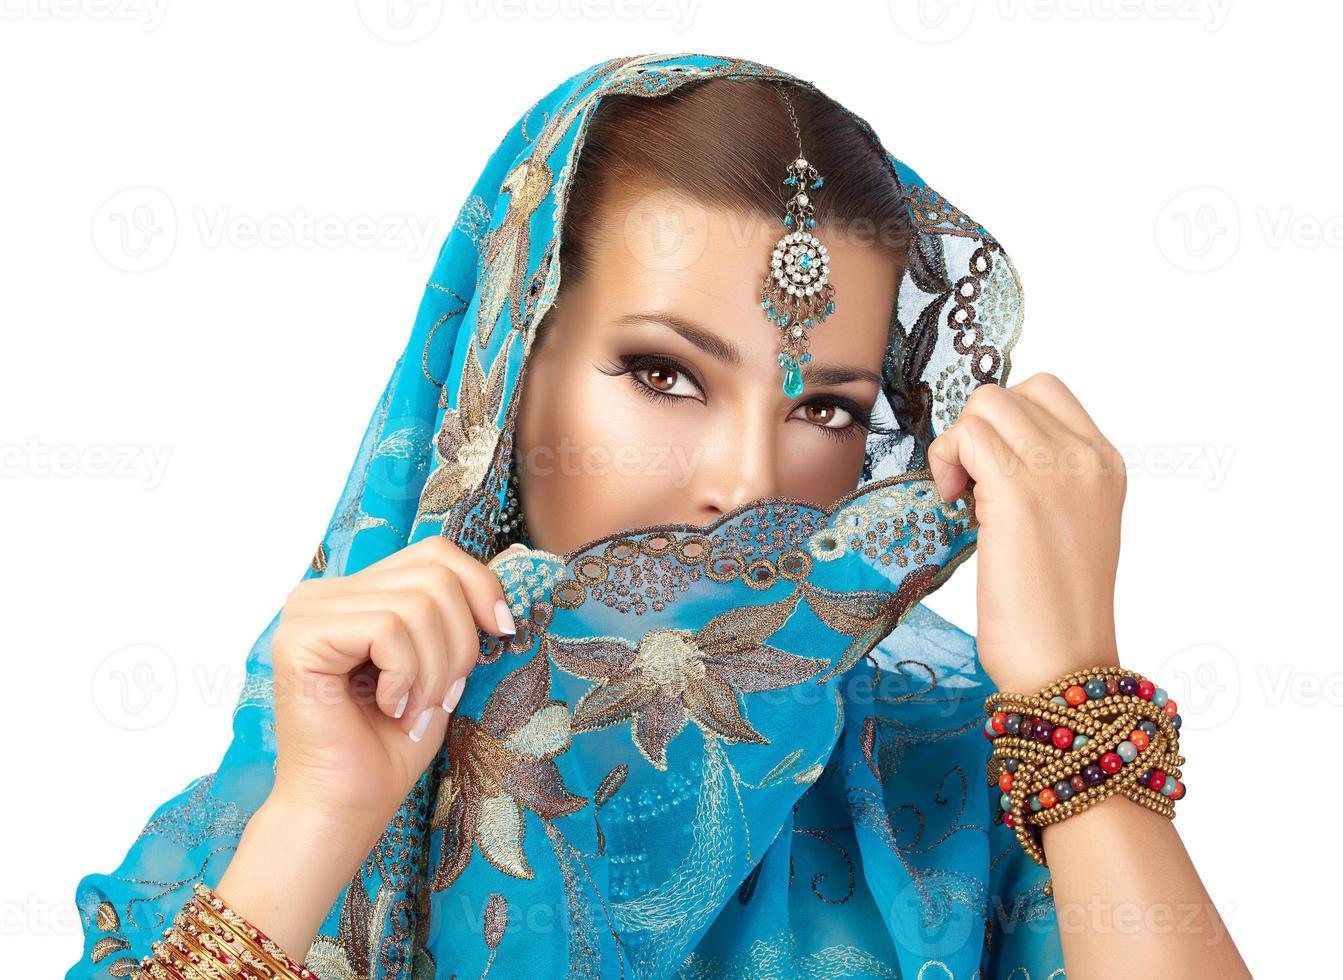 Ethnic Woman photo